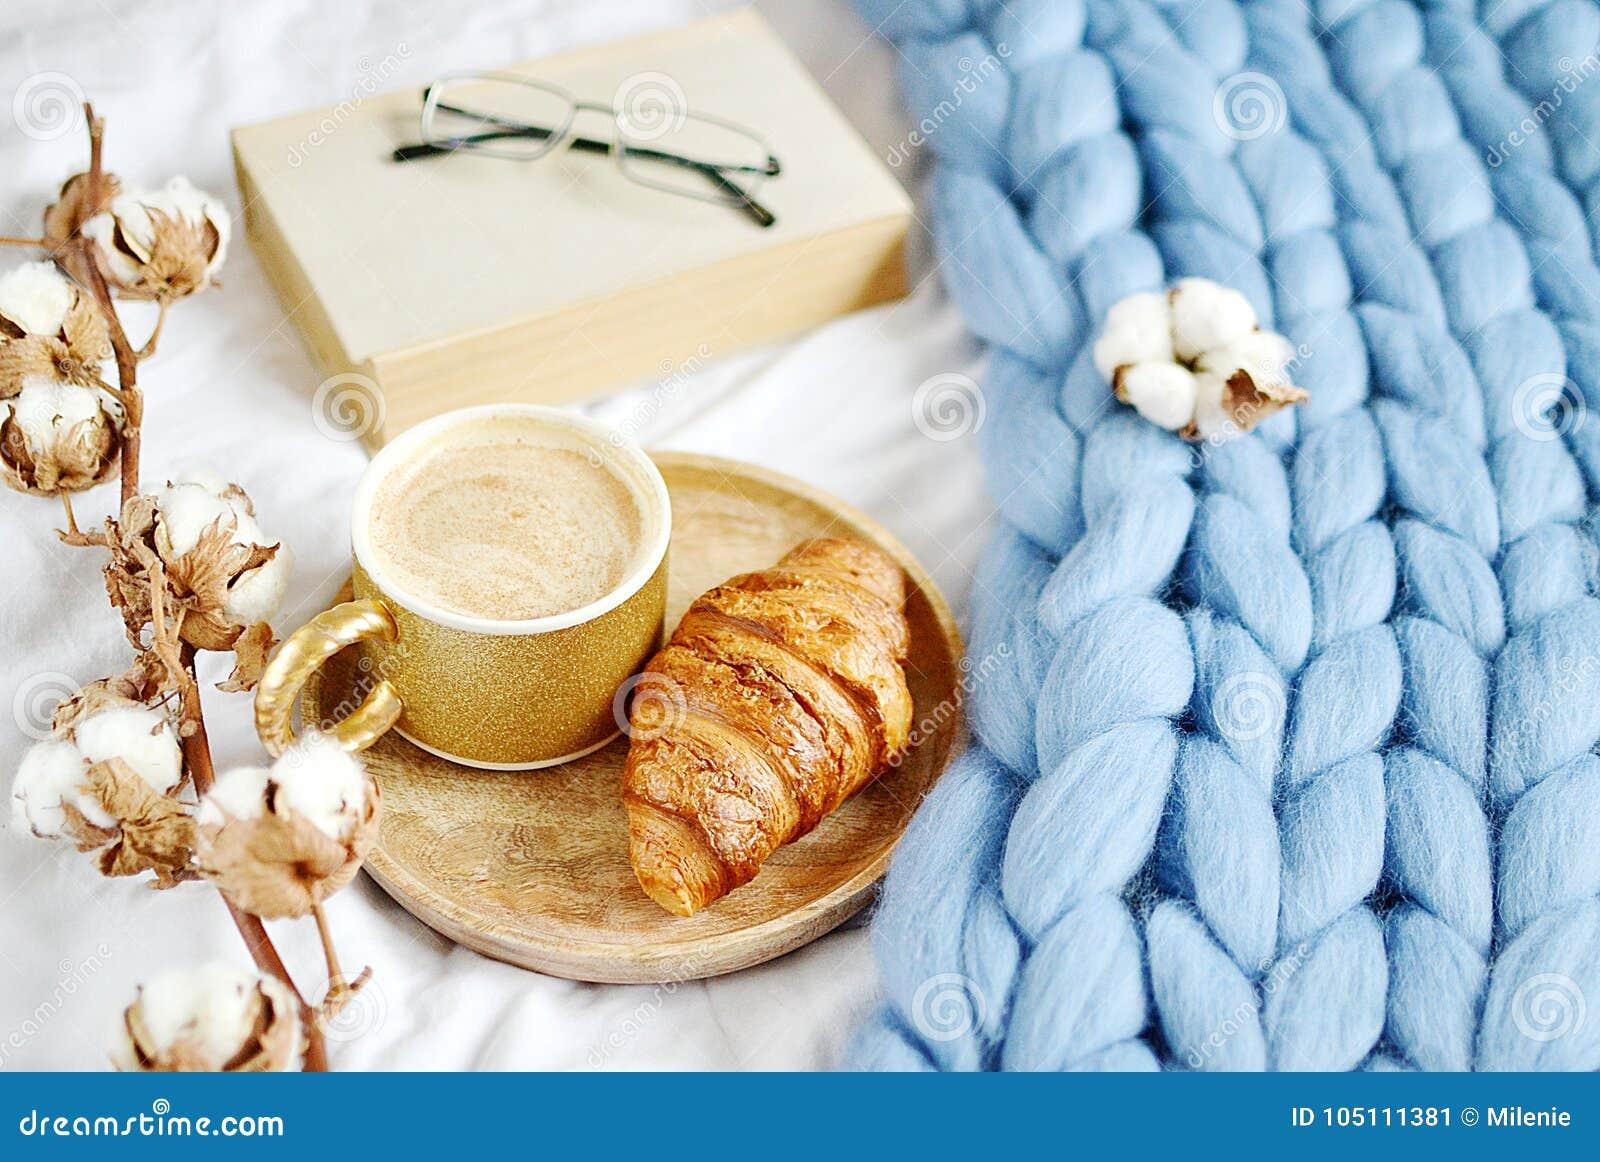 Filiżanka z cappuccino, croissant, błękitna pastelowa gigantyczna szkocka krata